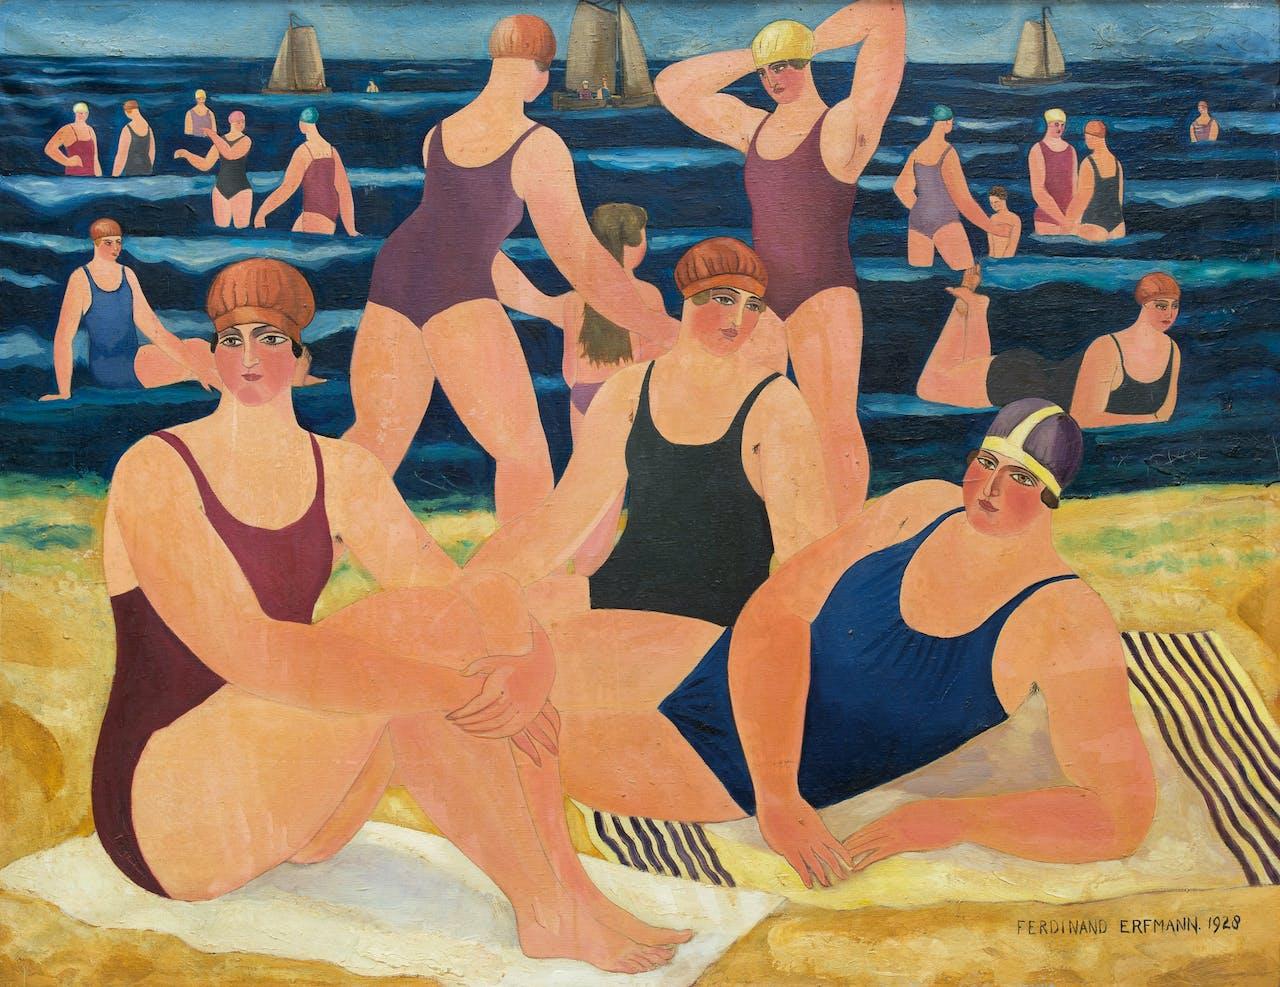 'Strandscène', Ferdinand Erfmann,1928.